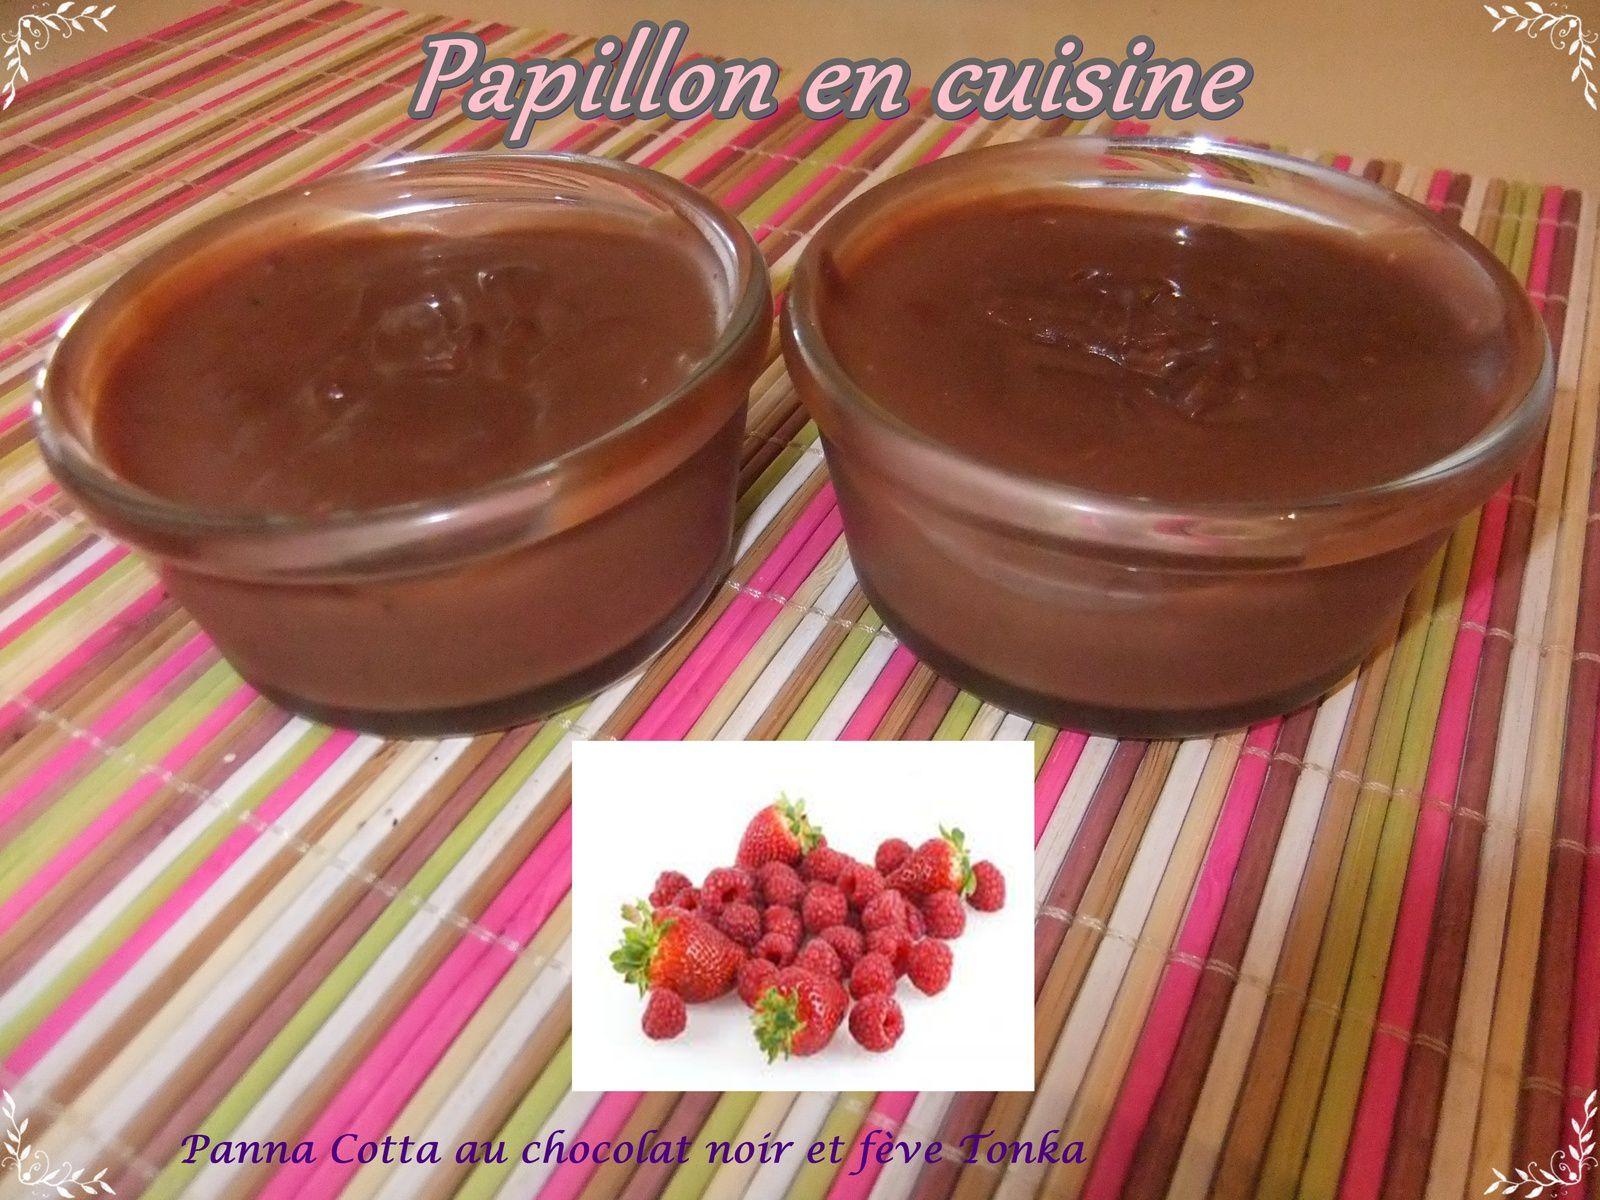 Recette panna cotta au chocolat noir et f ve tonka papillon en cuisine - Panna cotta herve cuisine ...